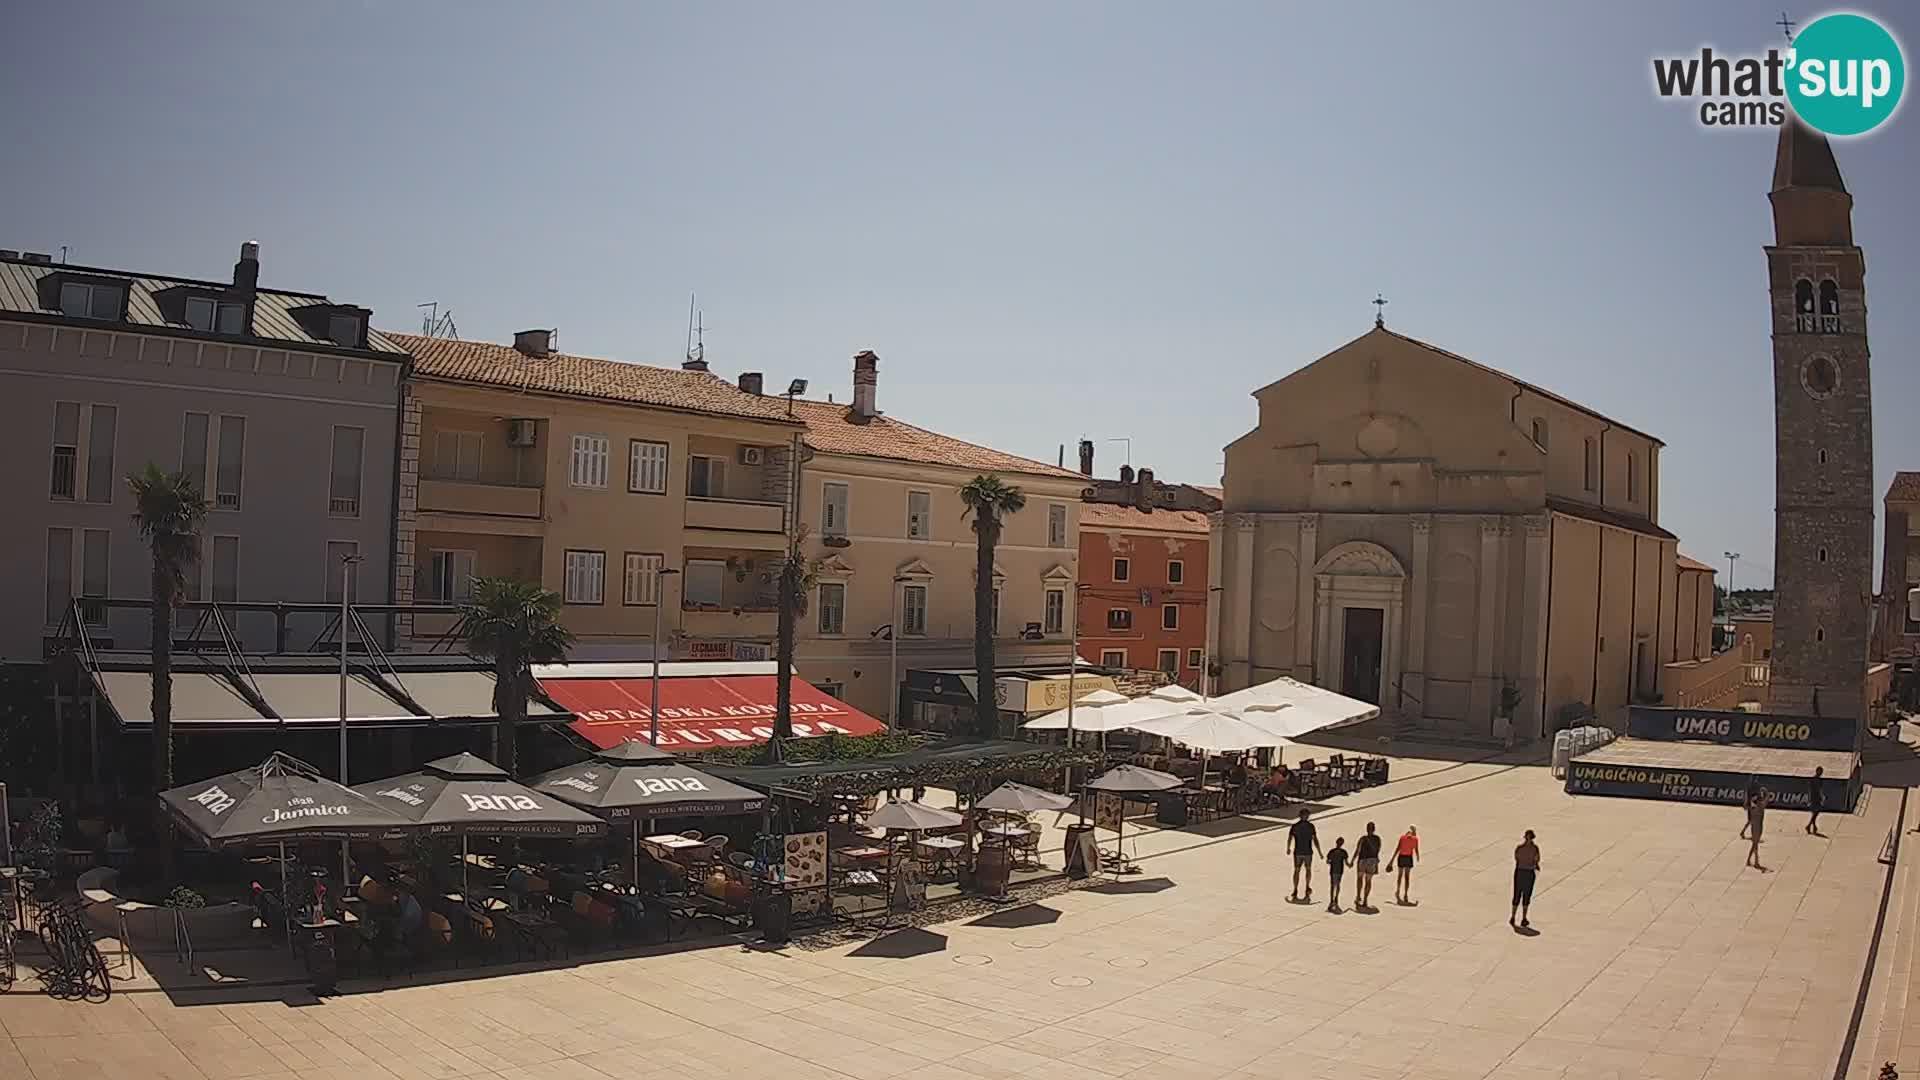 Webcam – Plaza Central en Umag